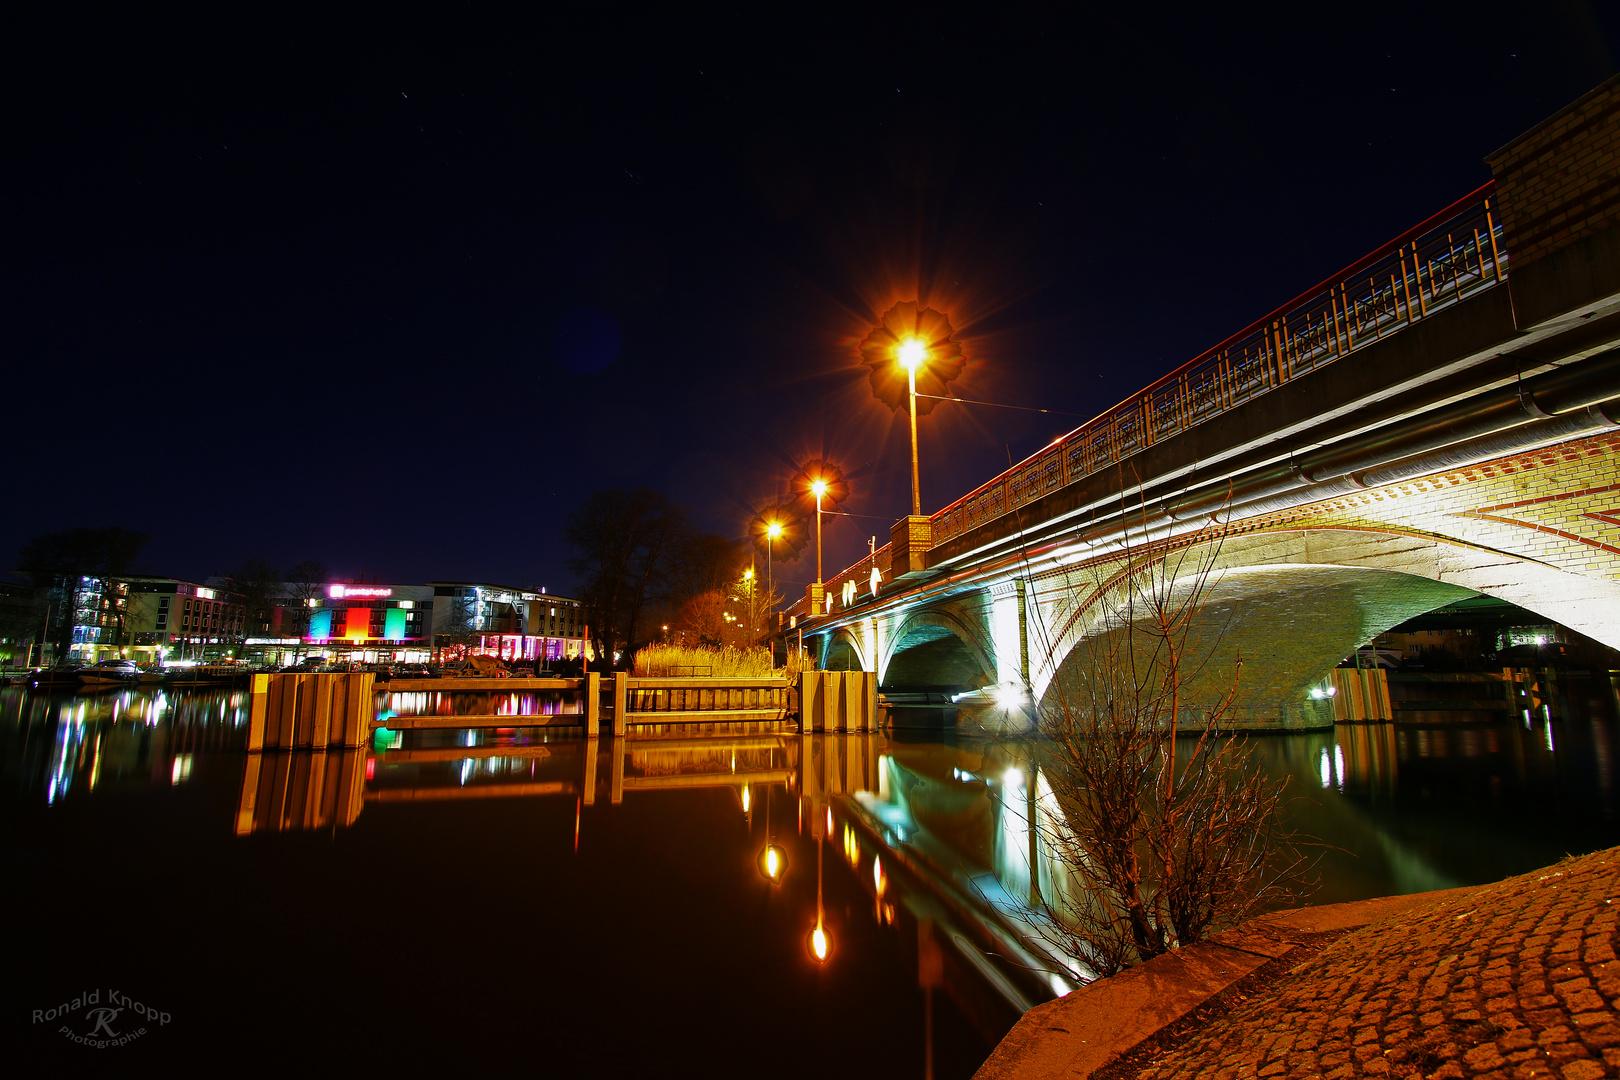 Köpenick bei Nacht 2